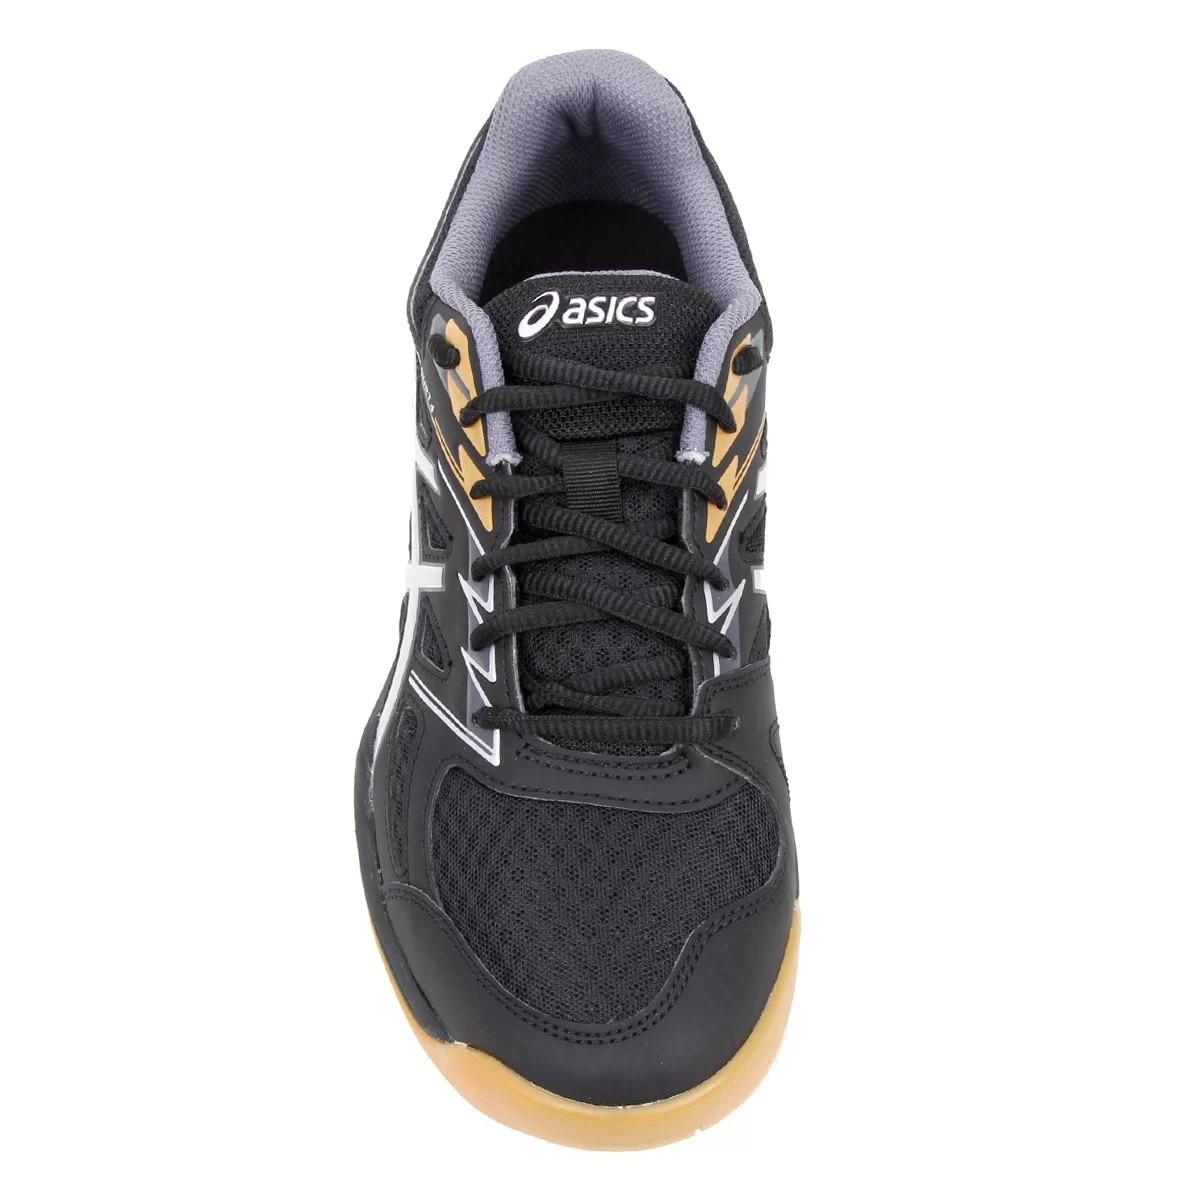 Tênis Asics Upcourt 4 Masculino Preto e Prata